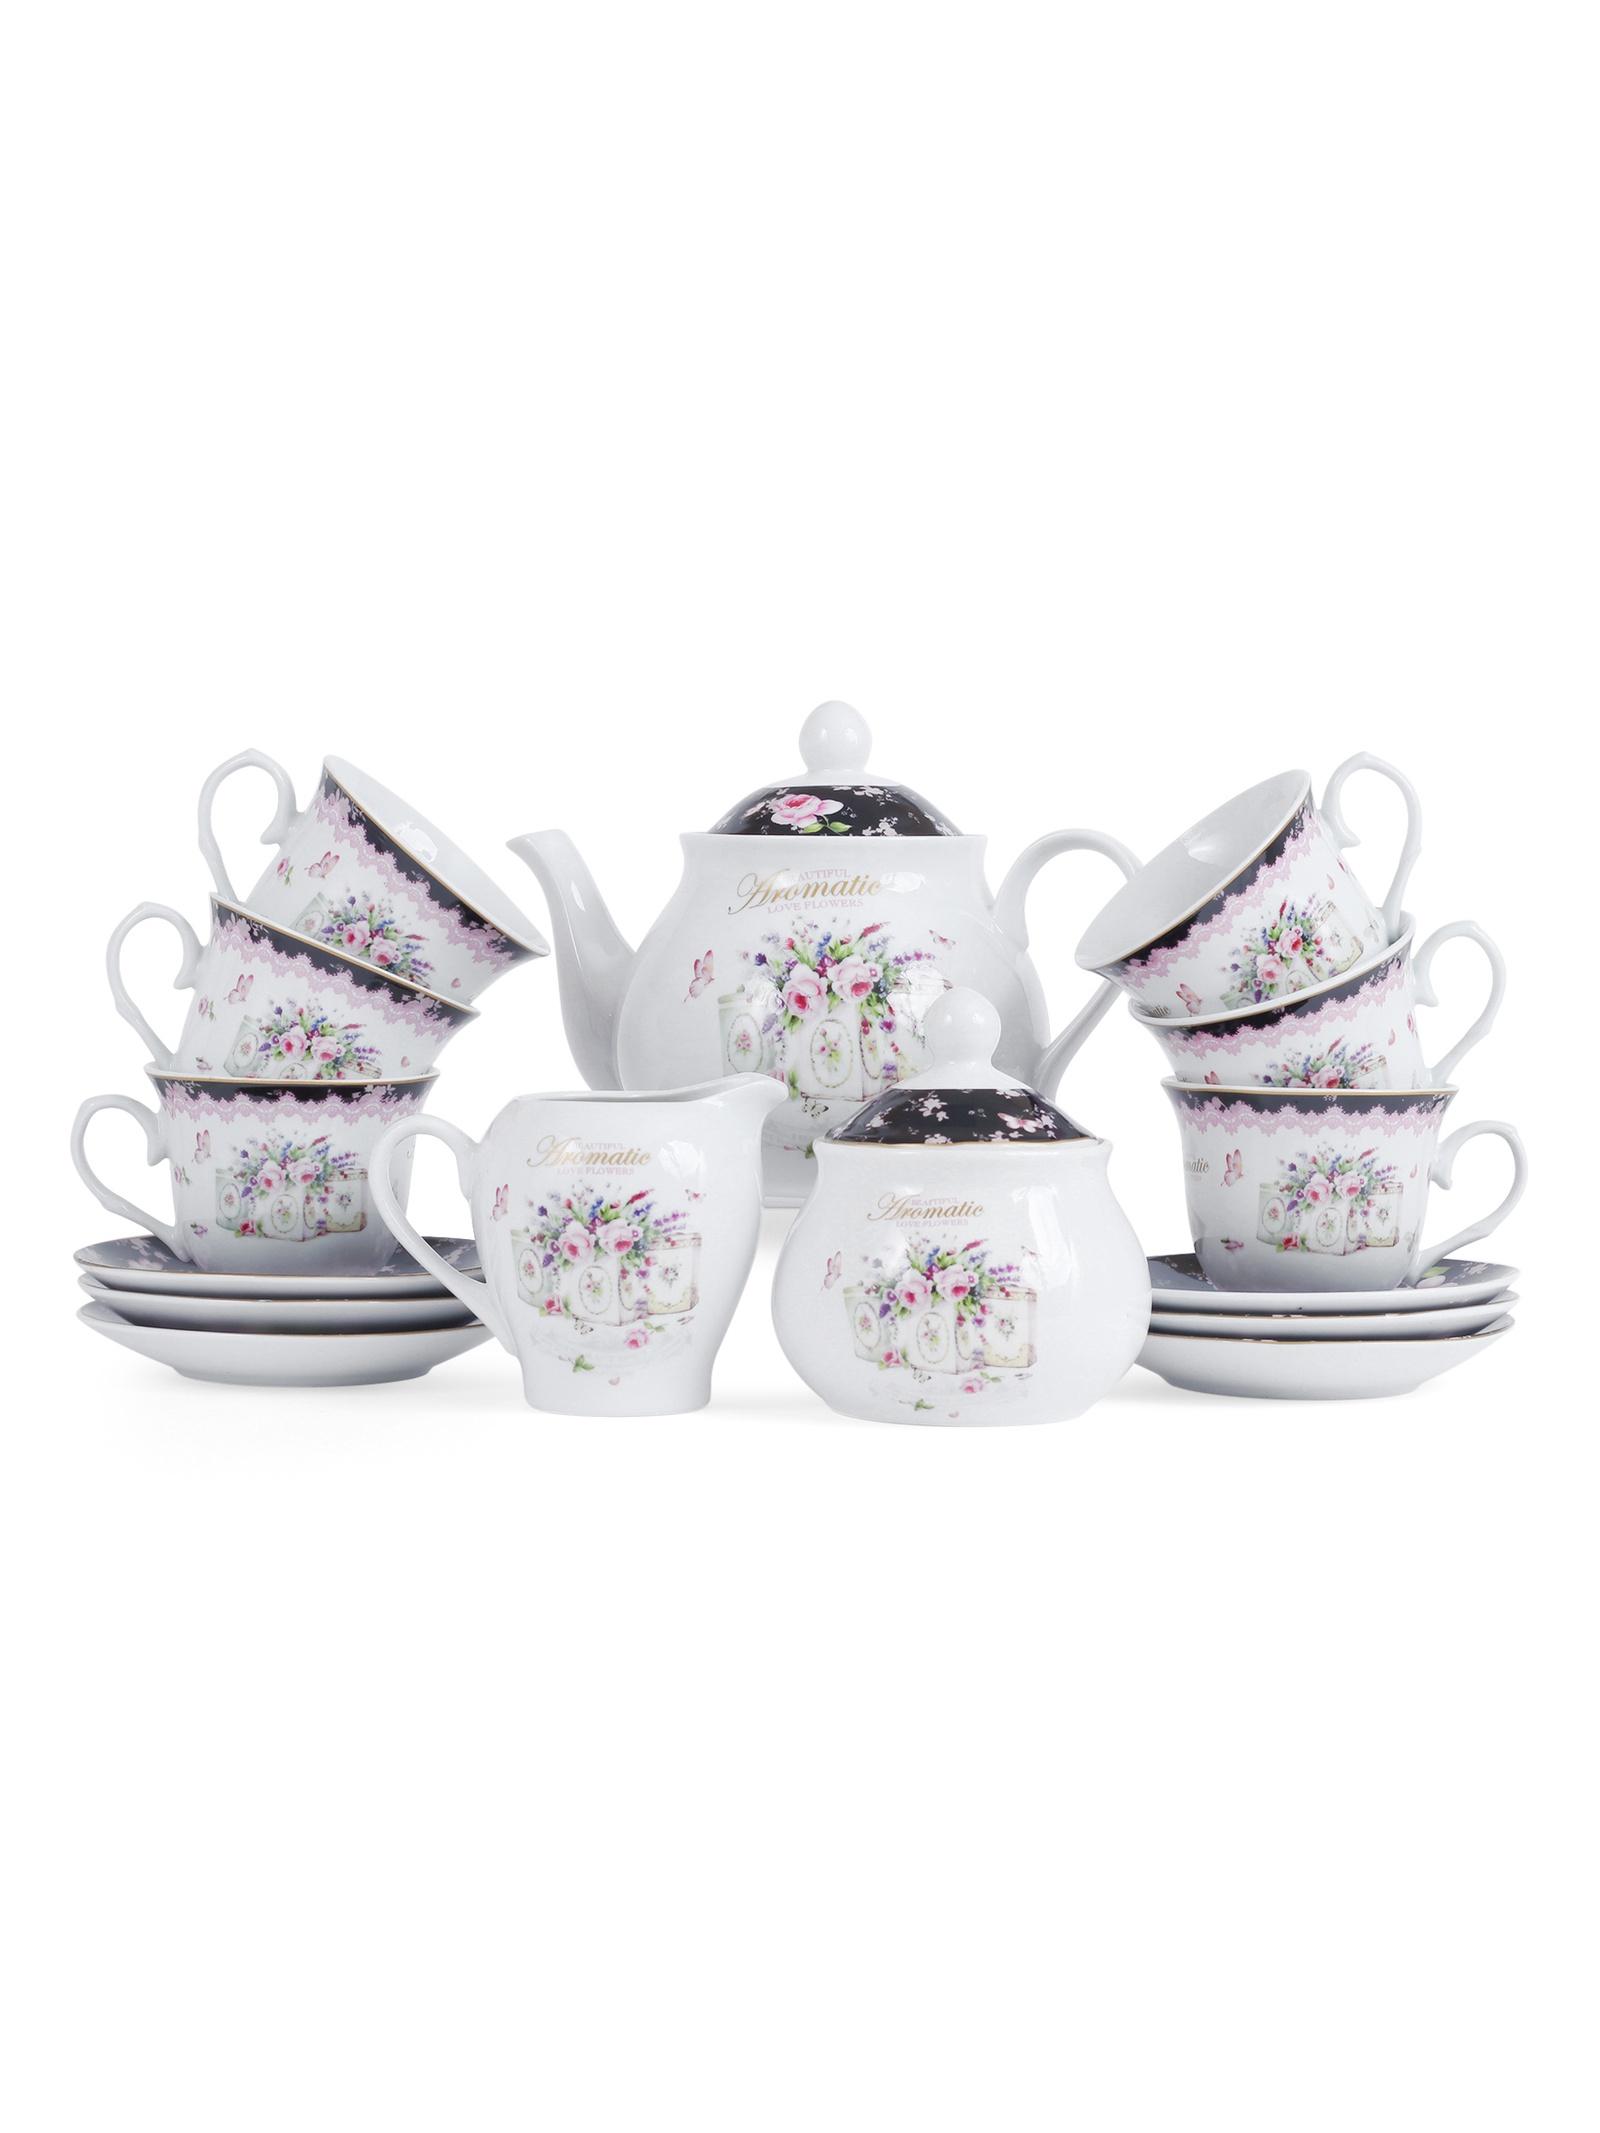 Набор чайный JEWEL Пандора 15 предметов (фарфор), 4 шт/уп